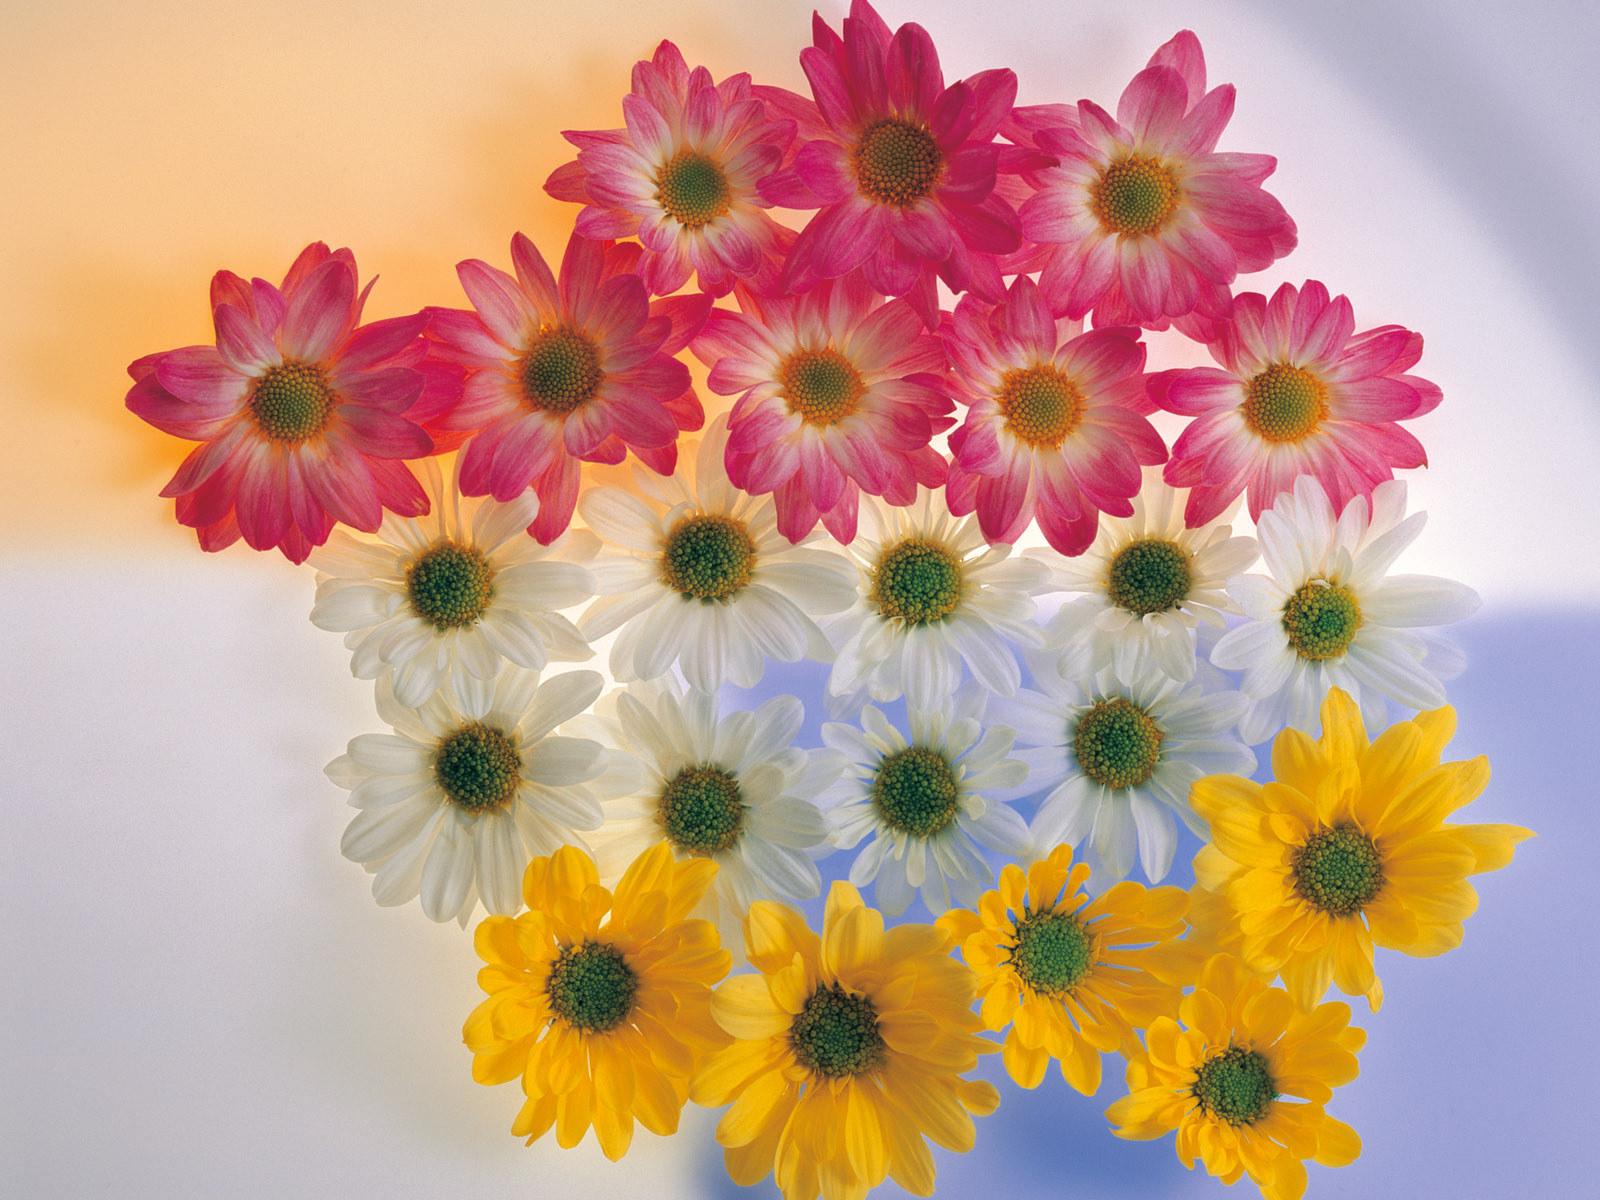 Beautiful Flowers Photos Very Nice - Billion Estates | #90621